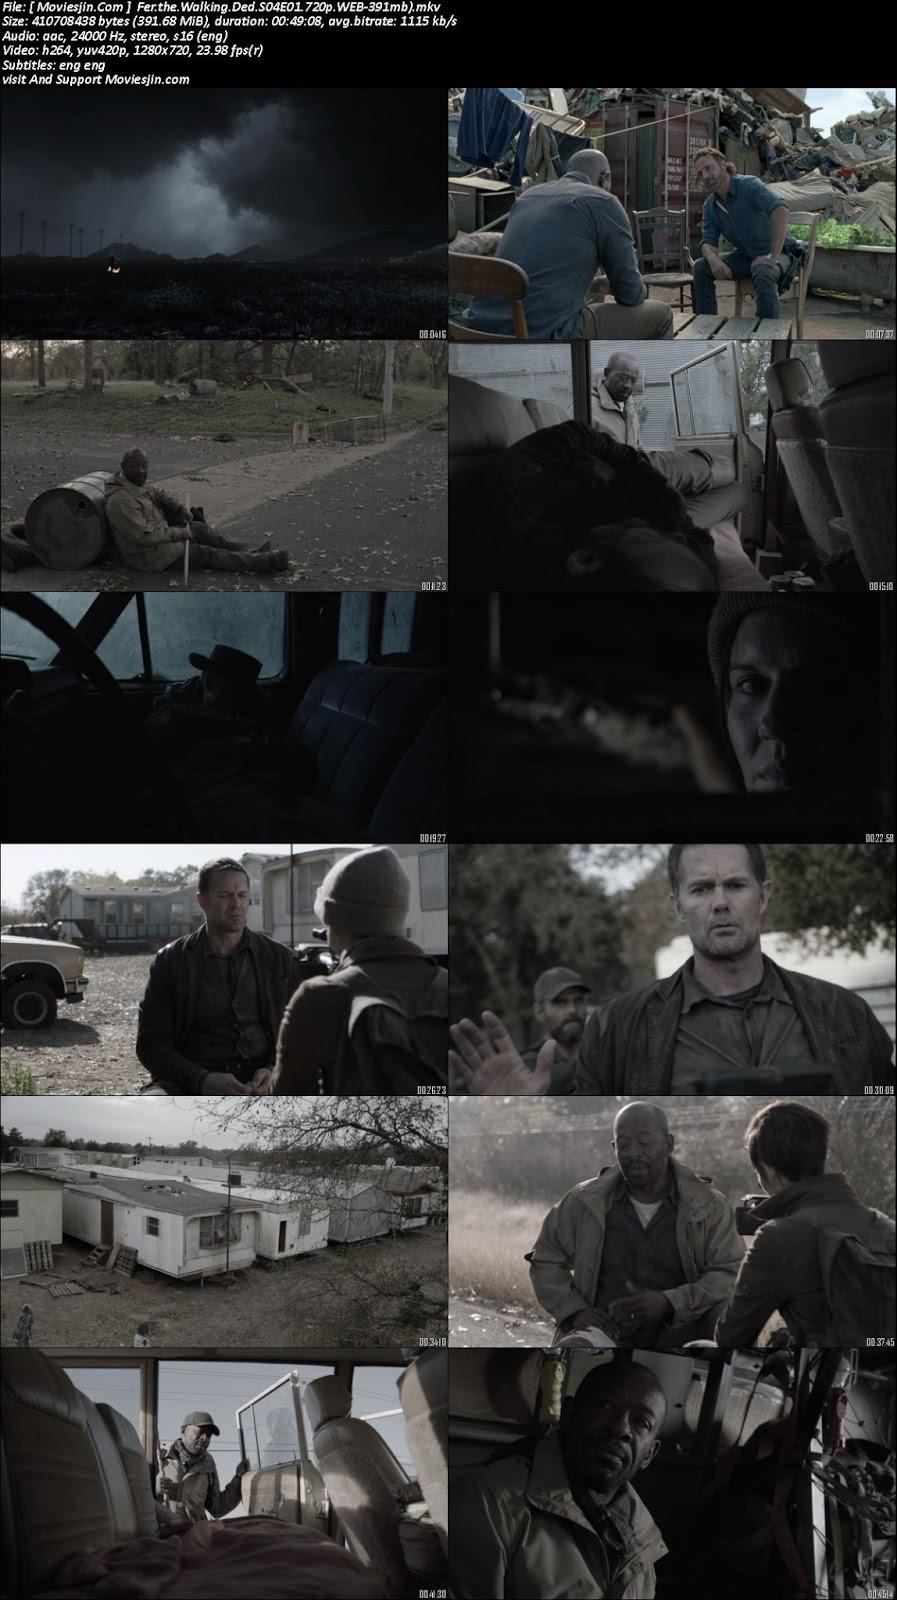 Watch online Fear the Walking Dead S04E01 WEBRip 720p ESub 390MB downloadhub